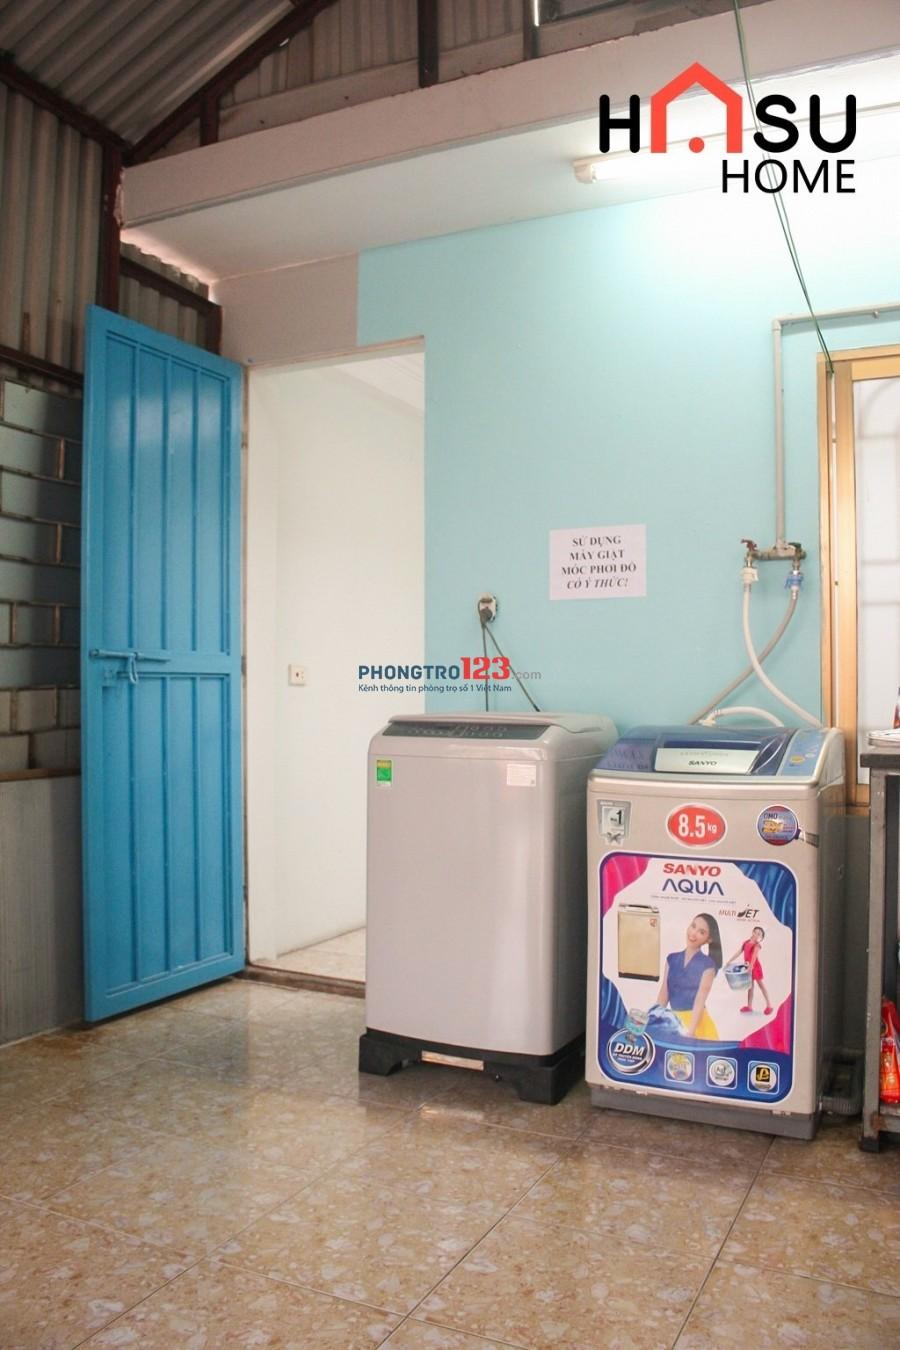 Nhà trọ homestay Cầu Giấy, wc khép kín, 7 điều hoà, 2 máy giặt, 1 tủ lạnh,4 camera+vân tay,full service, xách vali đến ở